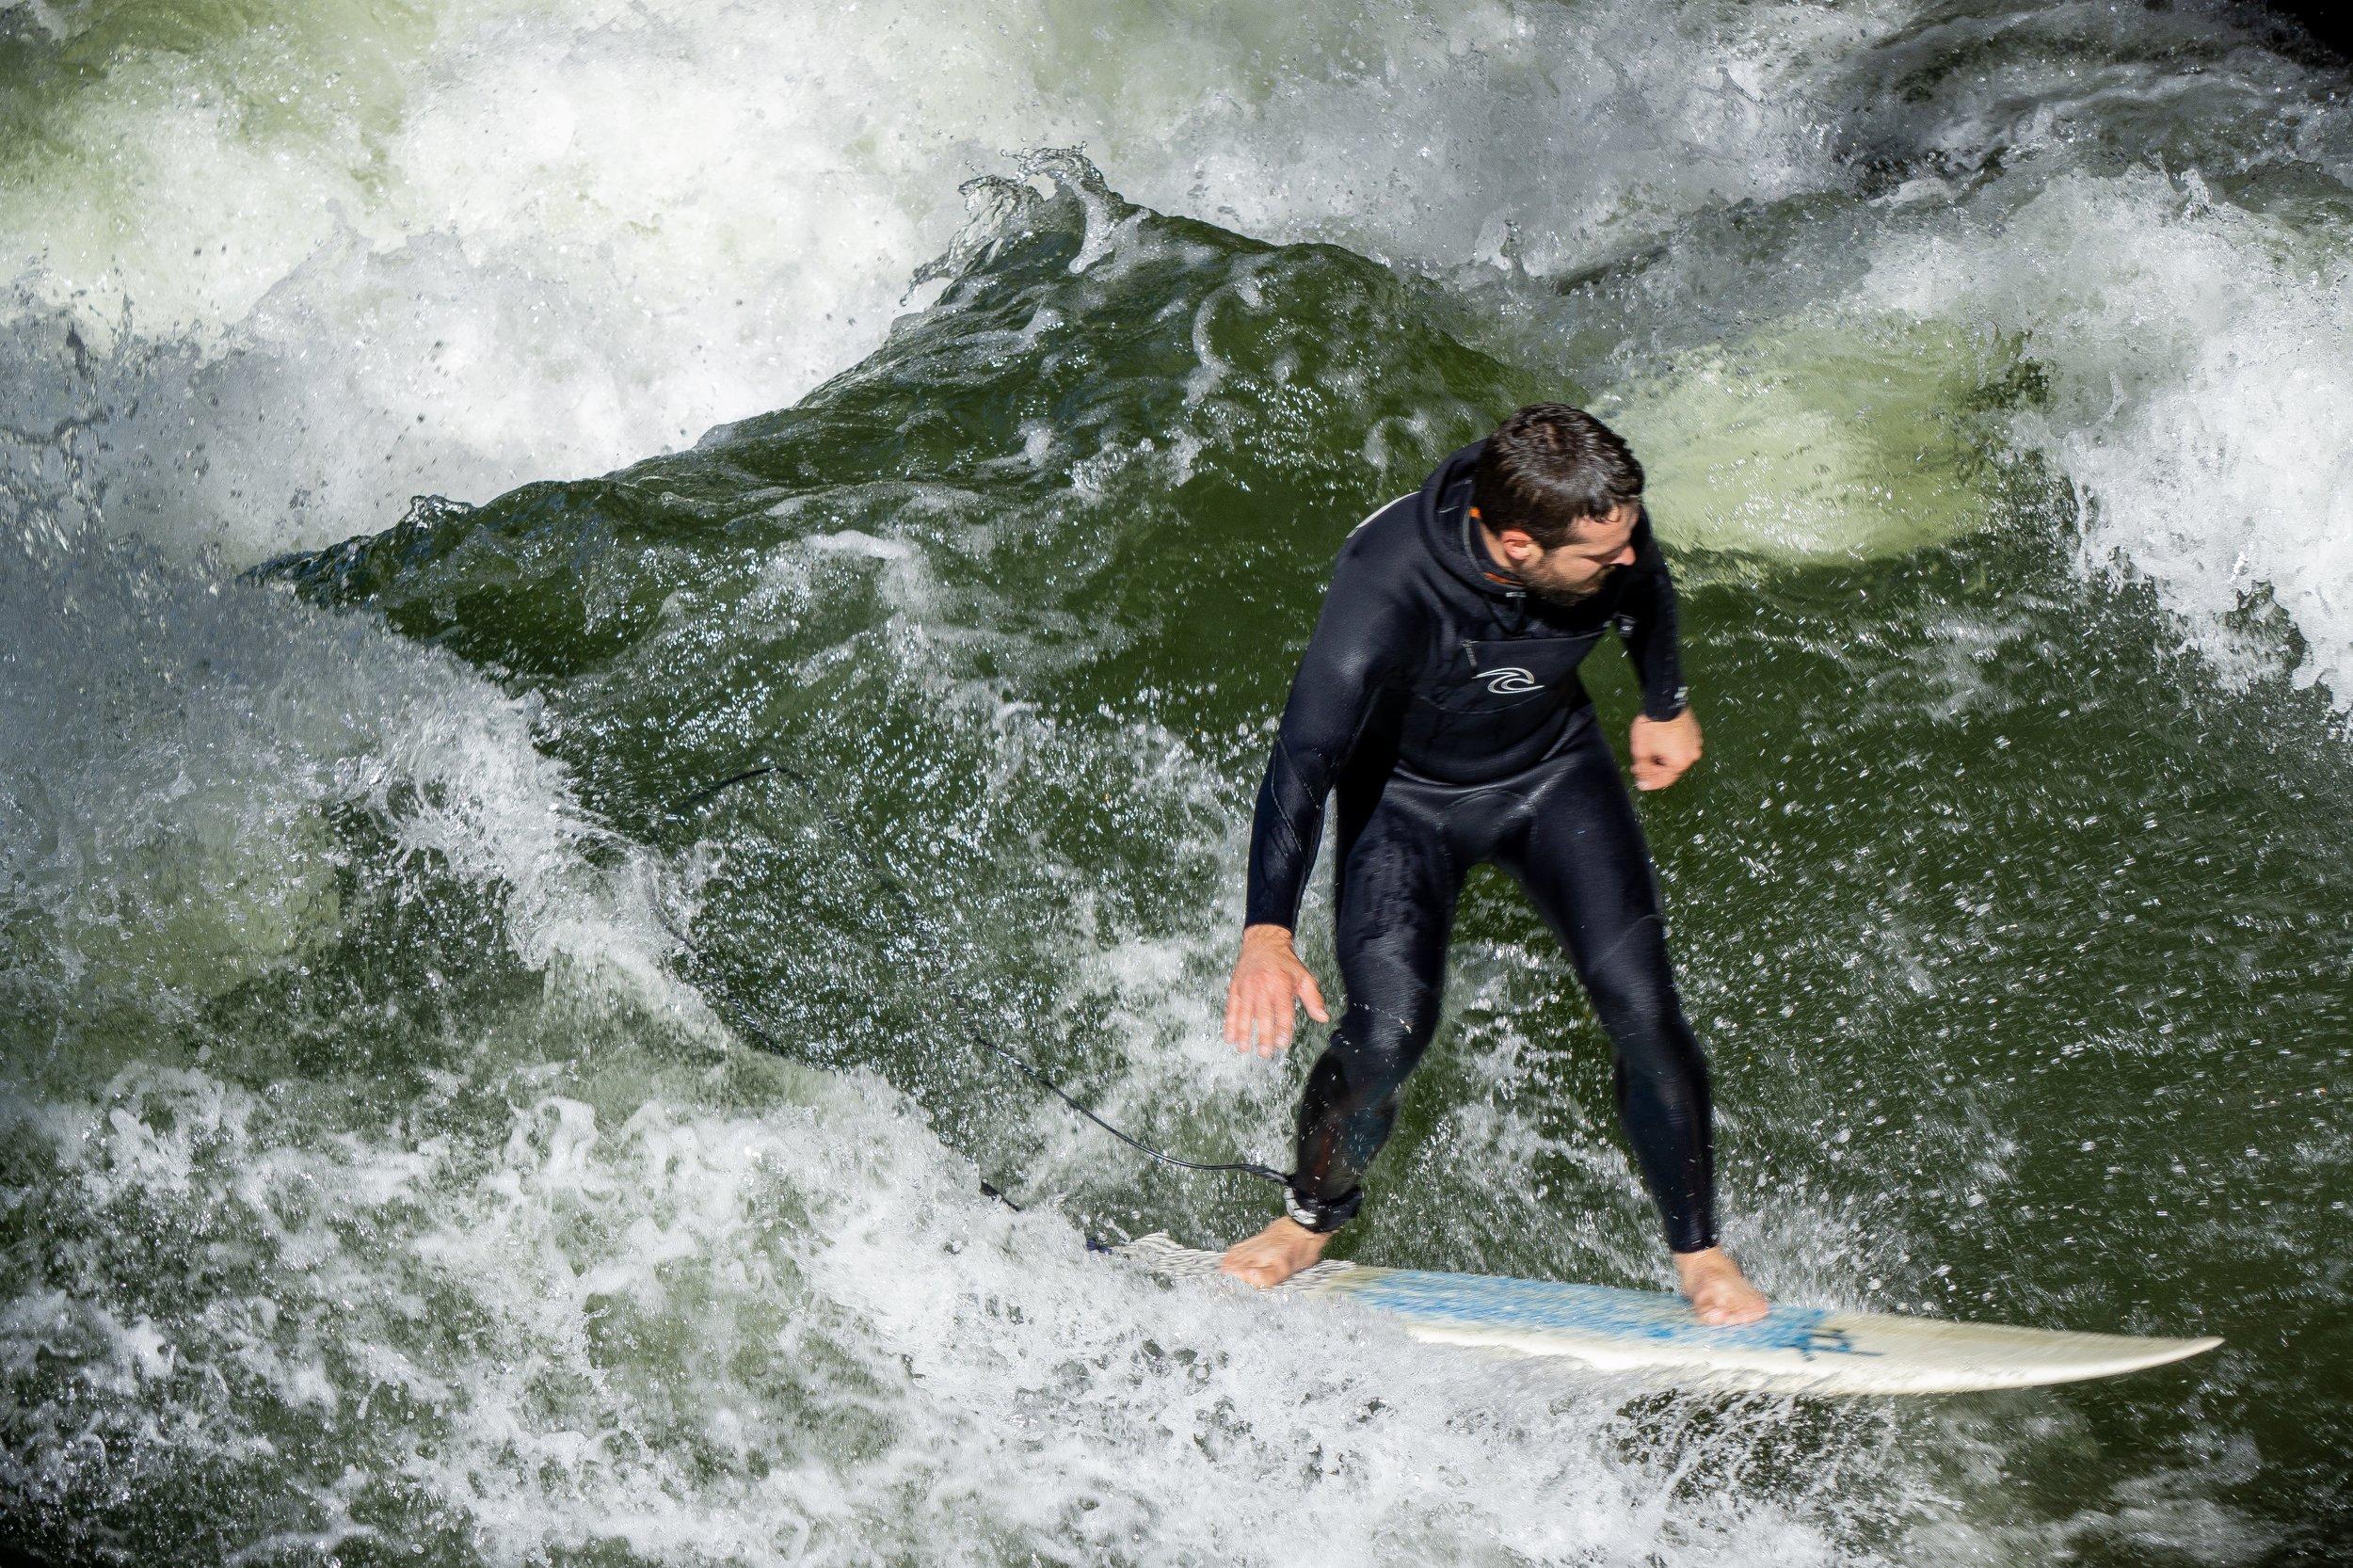 """- """"Auf der großen Eisbachwelle surfen nur Profis mit viel Erfahrung."""""""